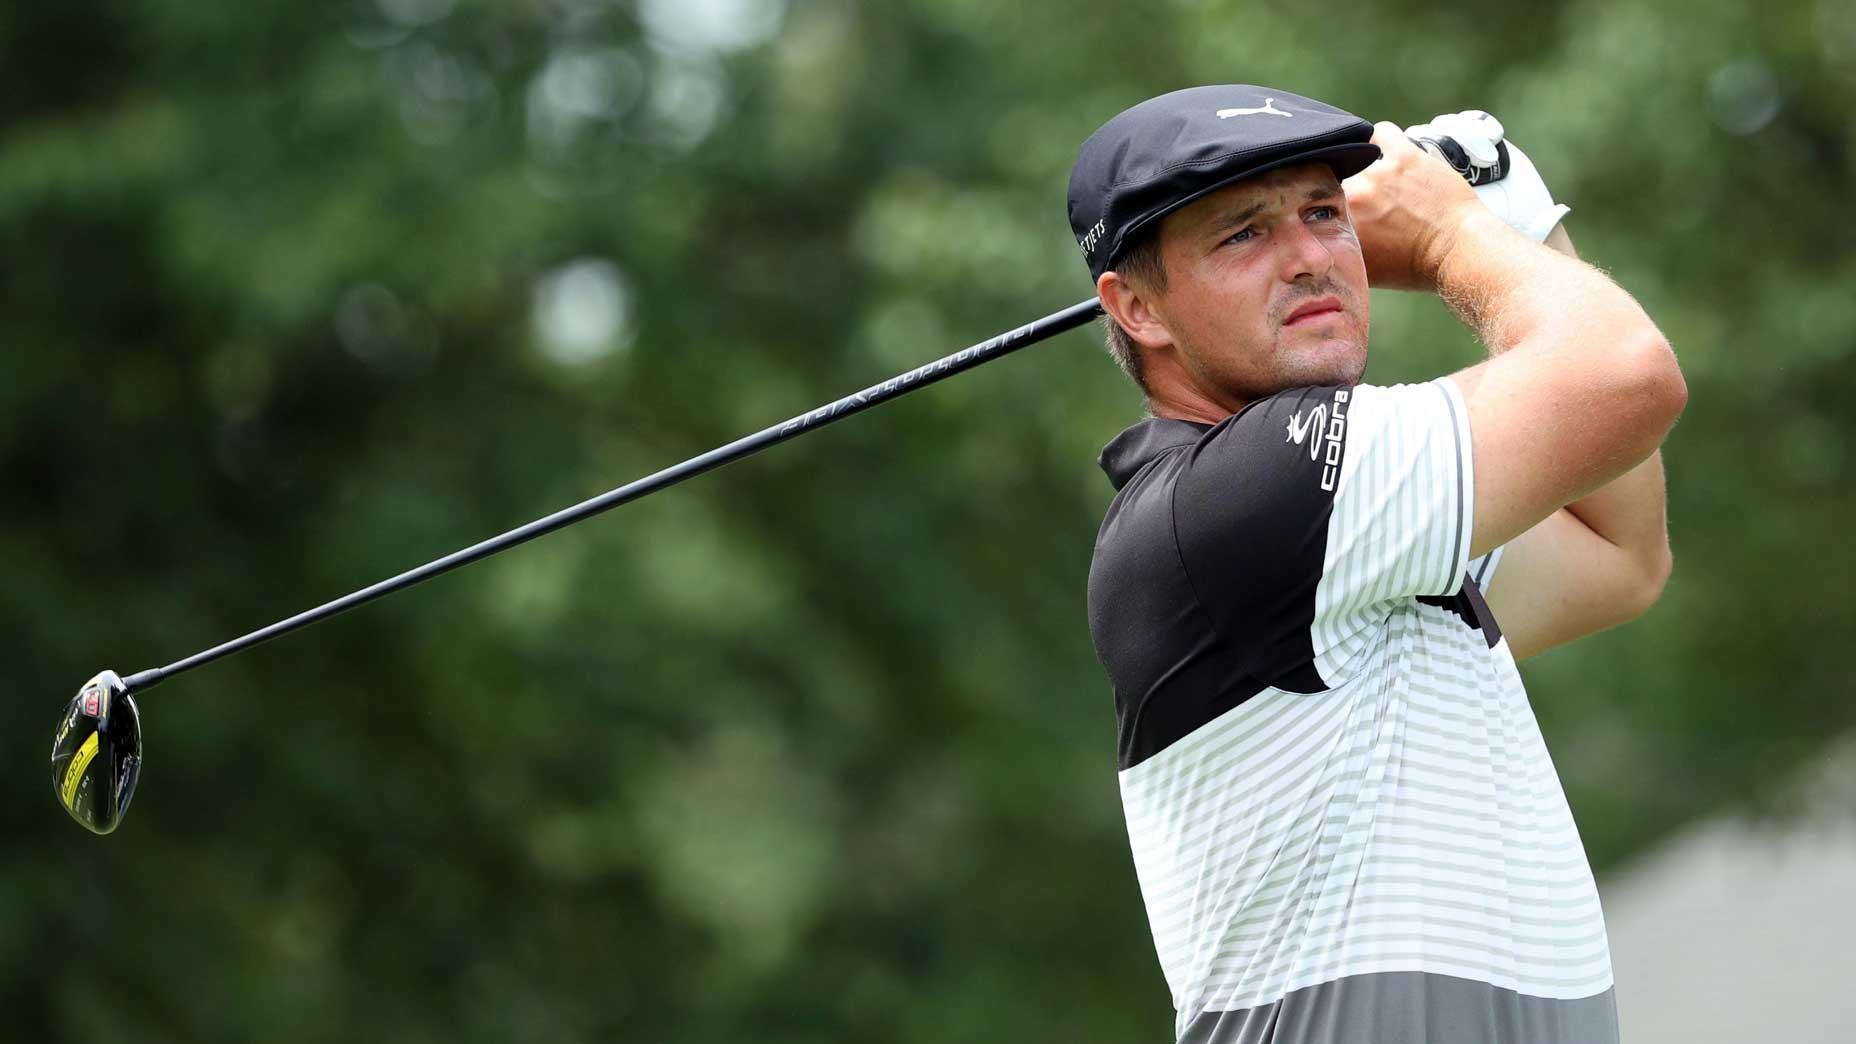 Pro golfer Bryson DeChambeau hits drive